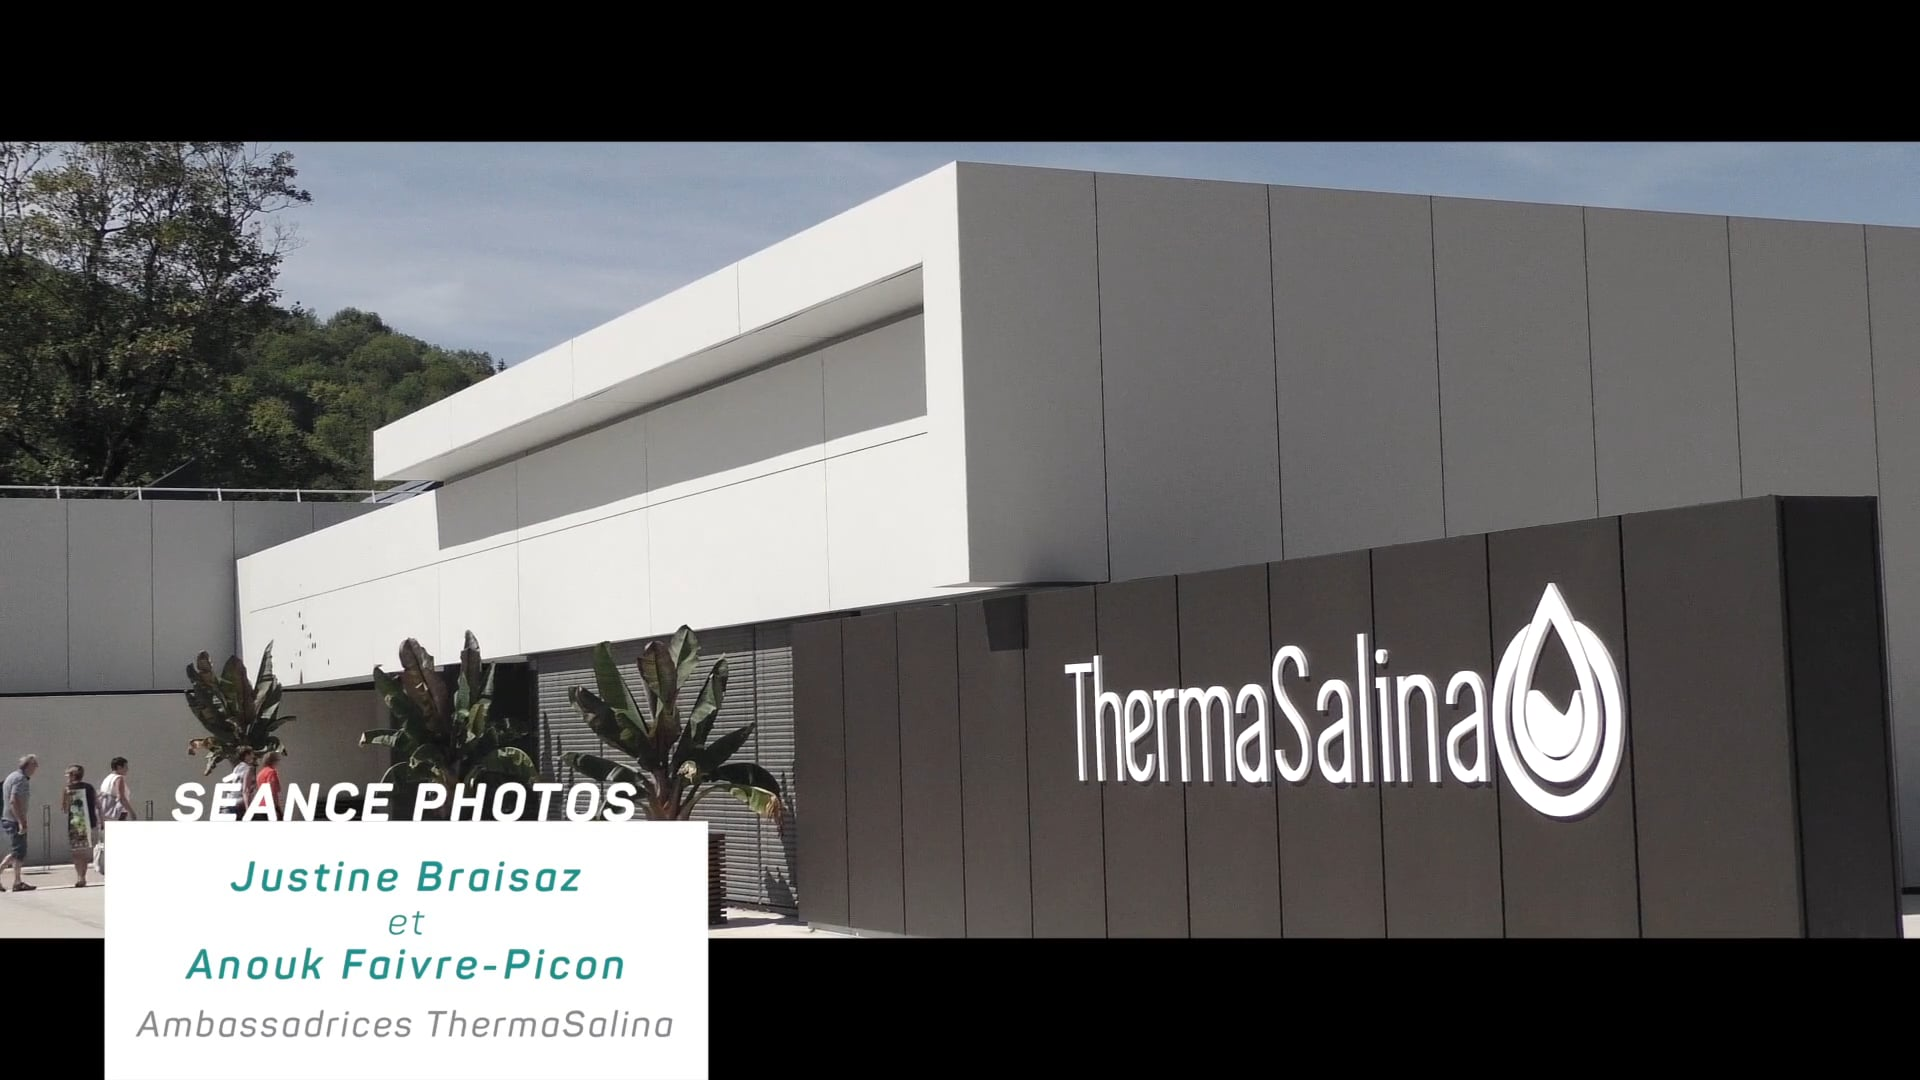 ThermaSalina : le nouveau thermalisme vu par ses ambassadrices